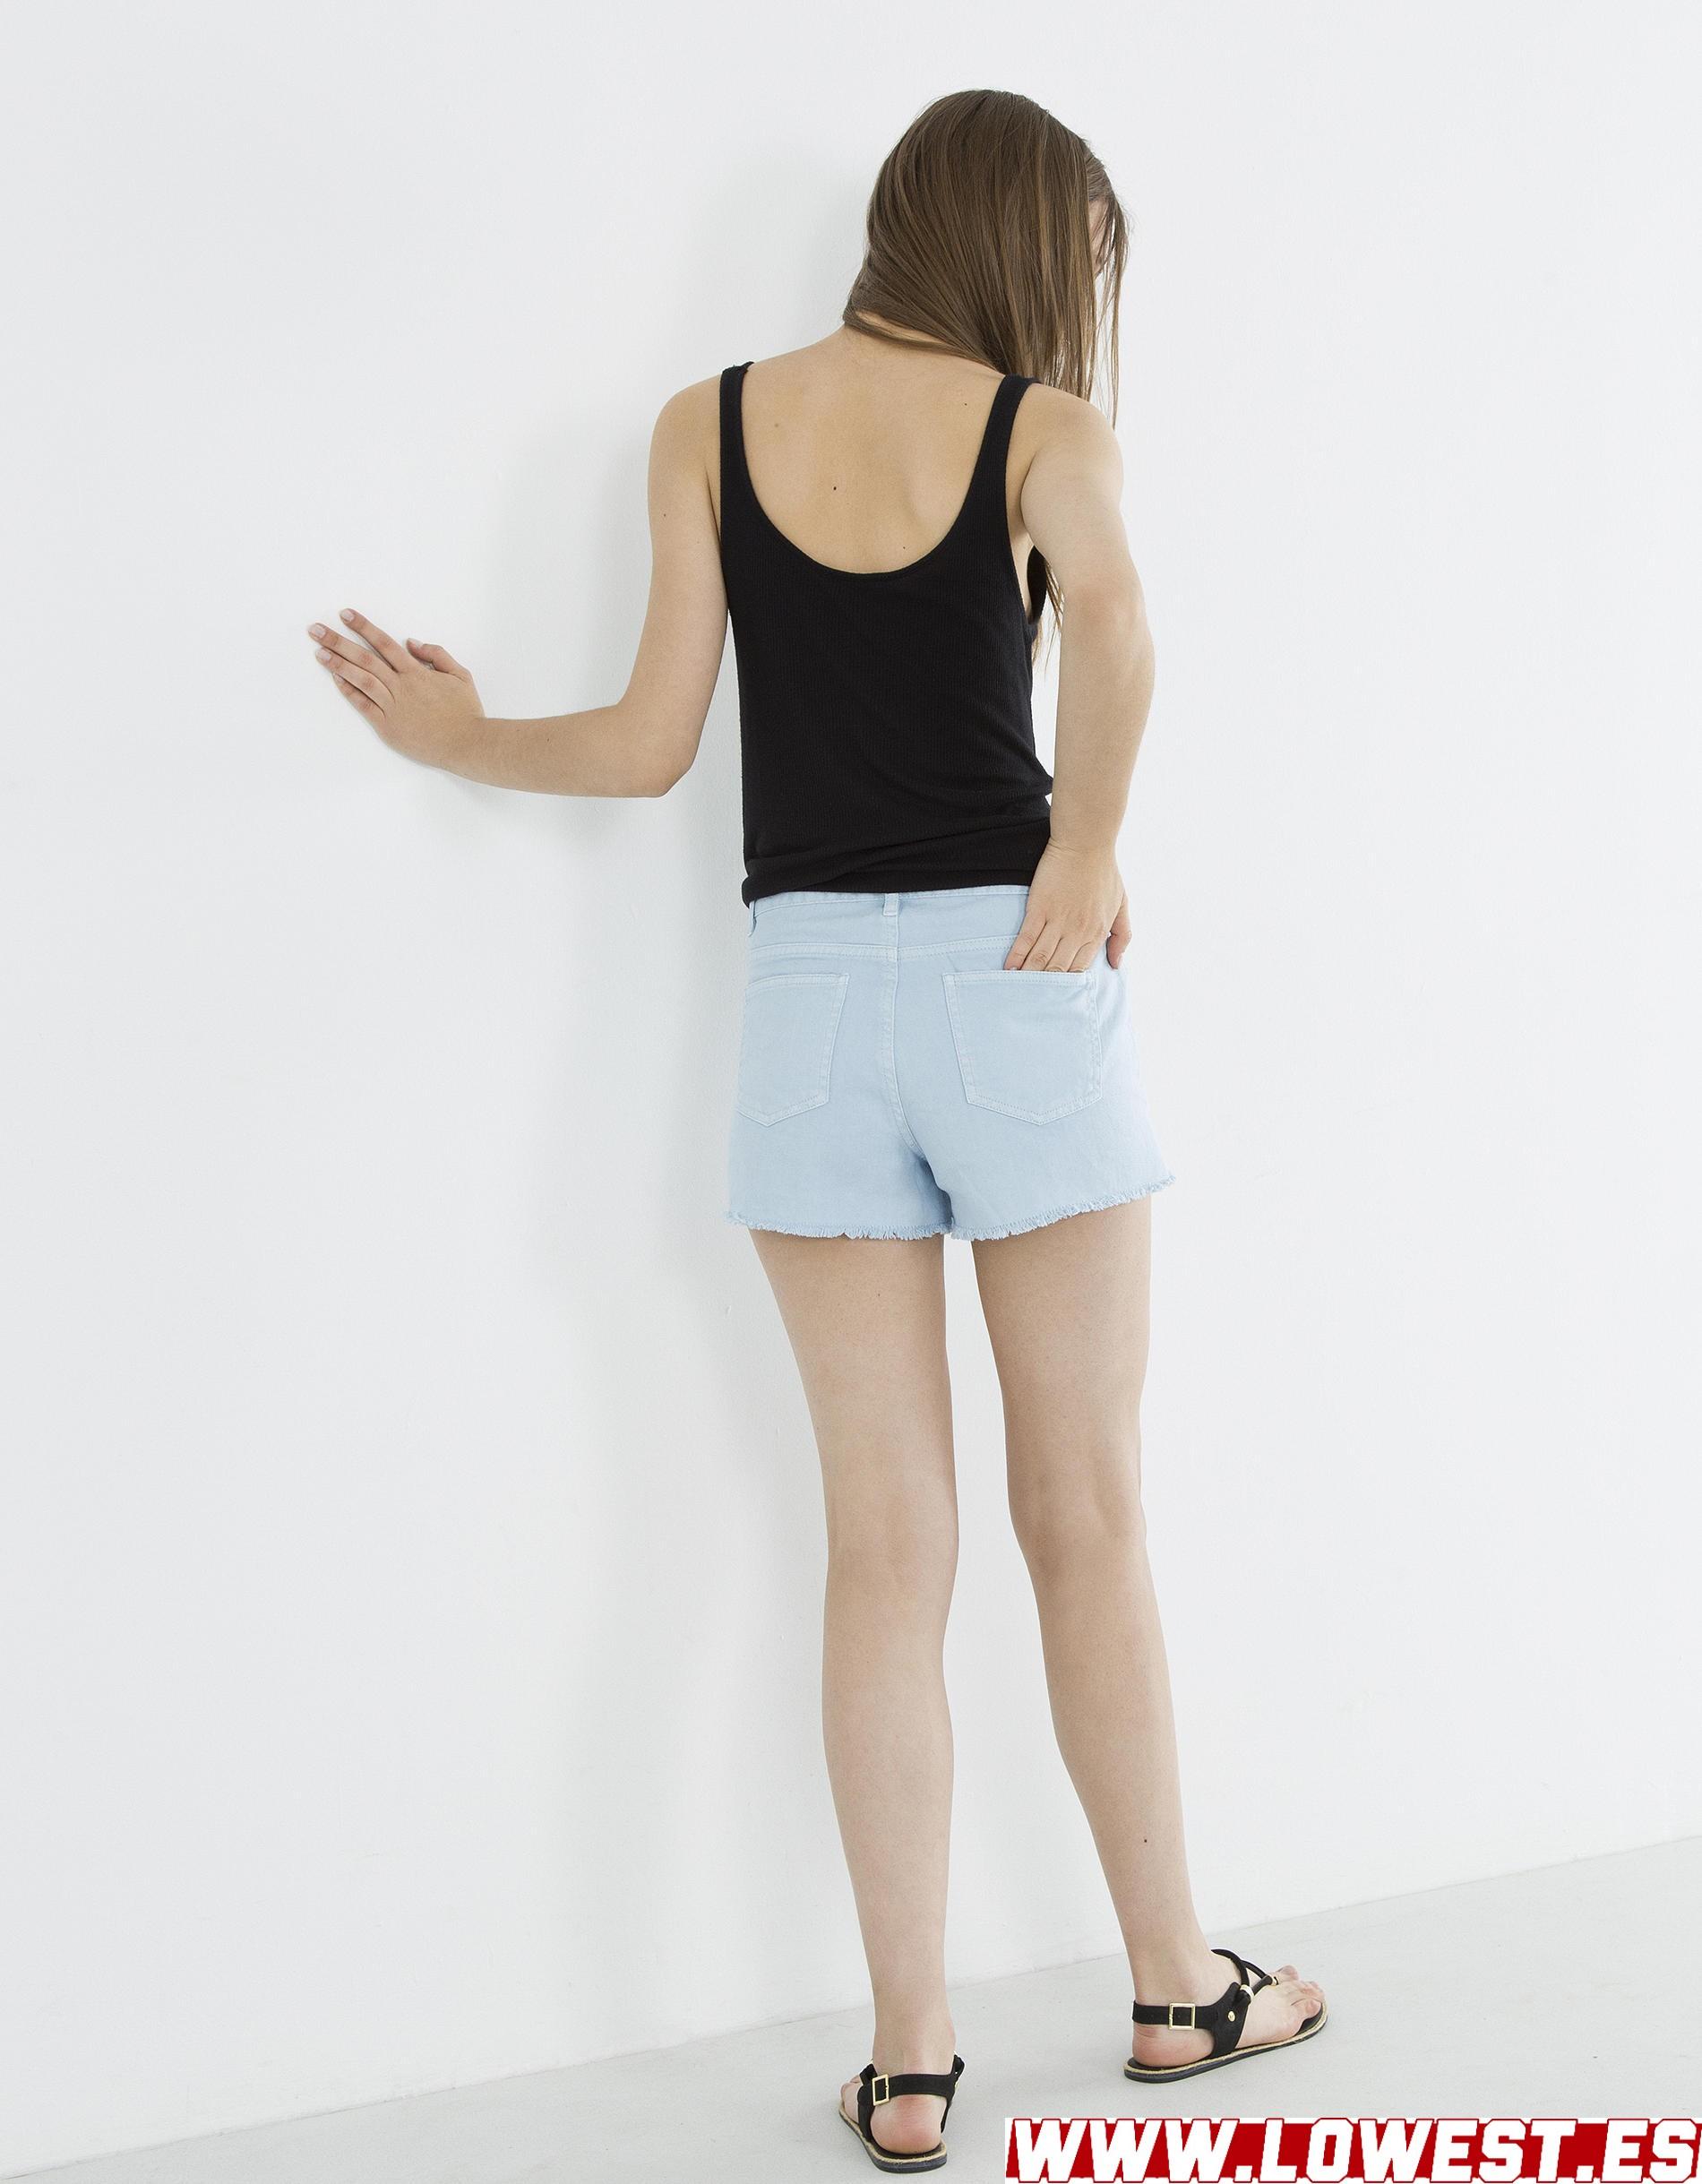 ropa chula mujer lowest bloguera 2019 2020